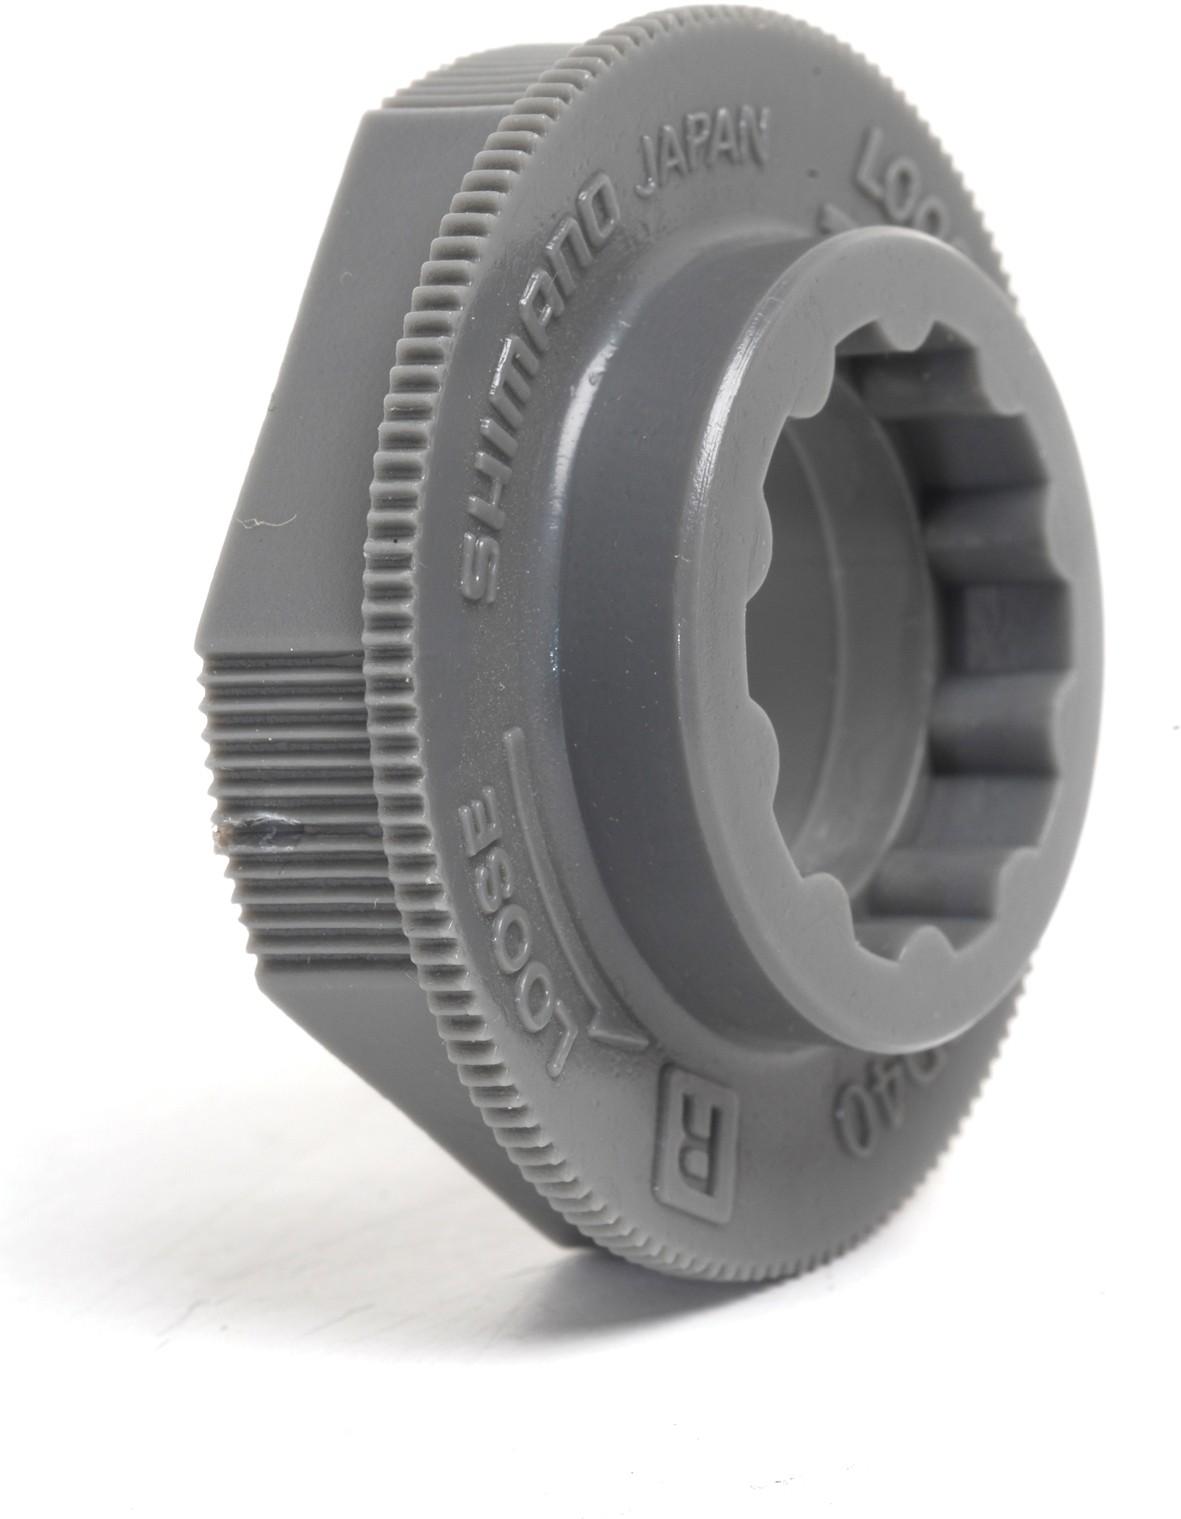 Shimano Pedal lockring tool